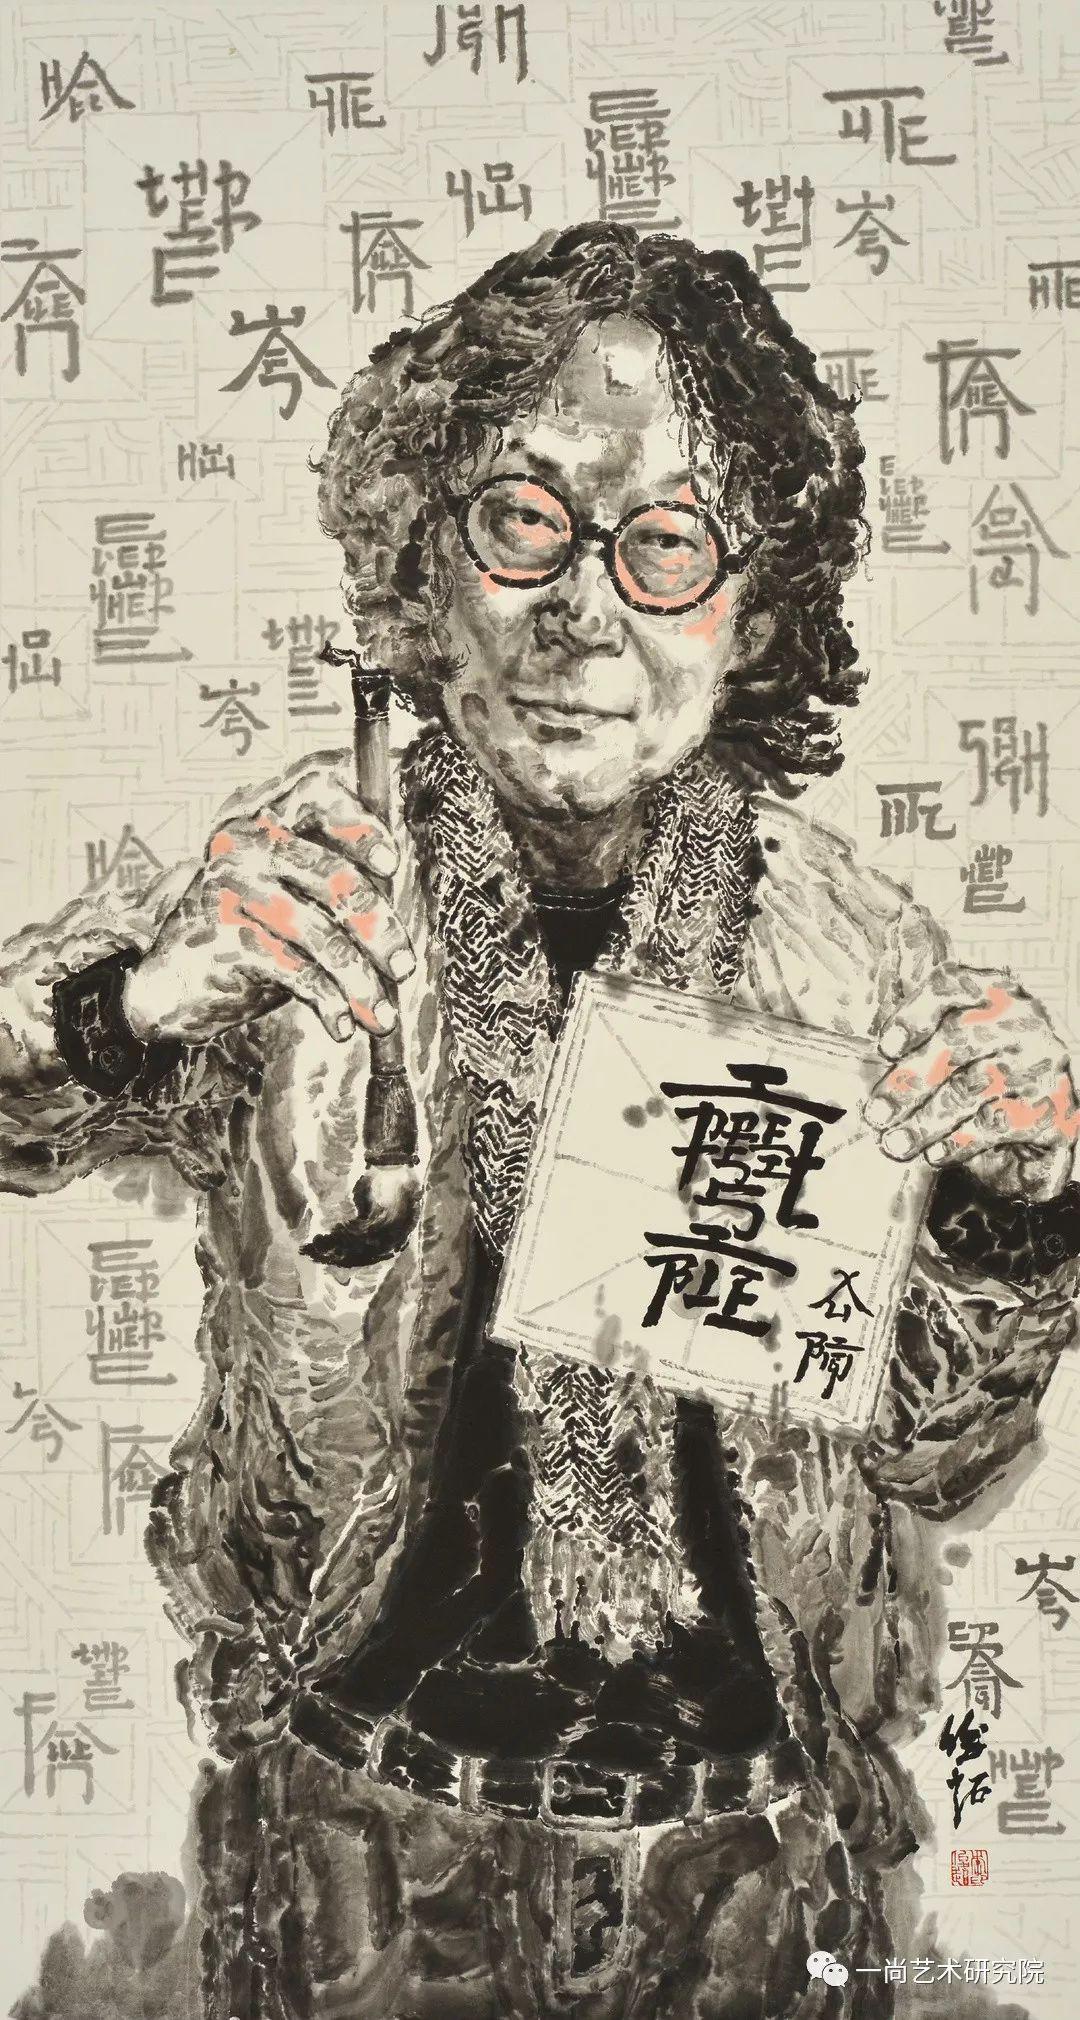 「新锐·微个展」广美  李俊超:趣怪的水墨肖像